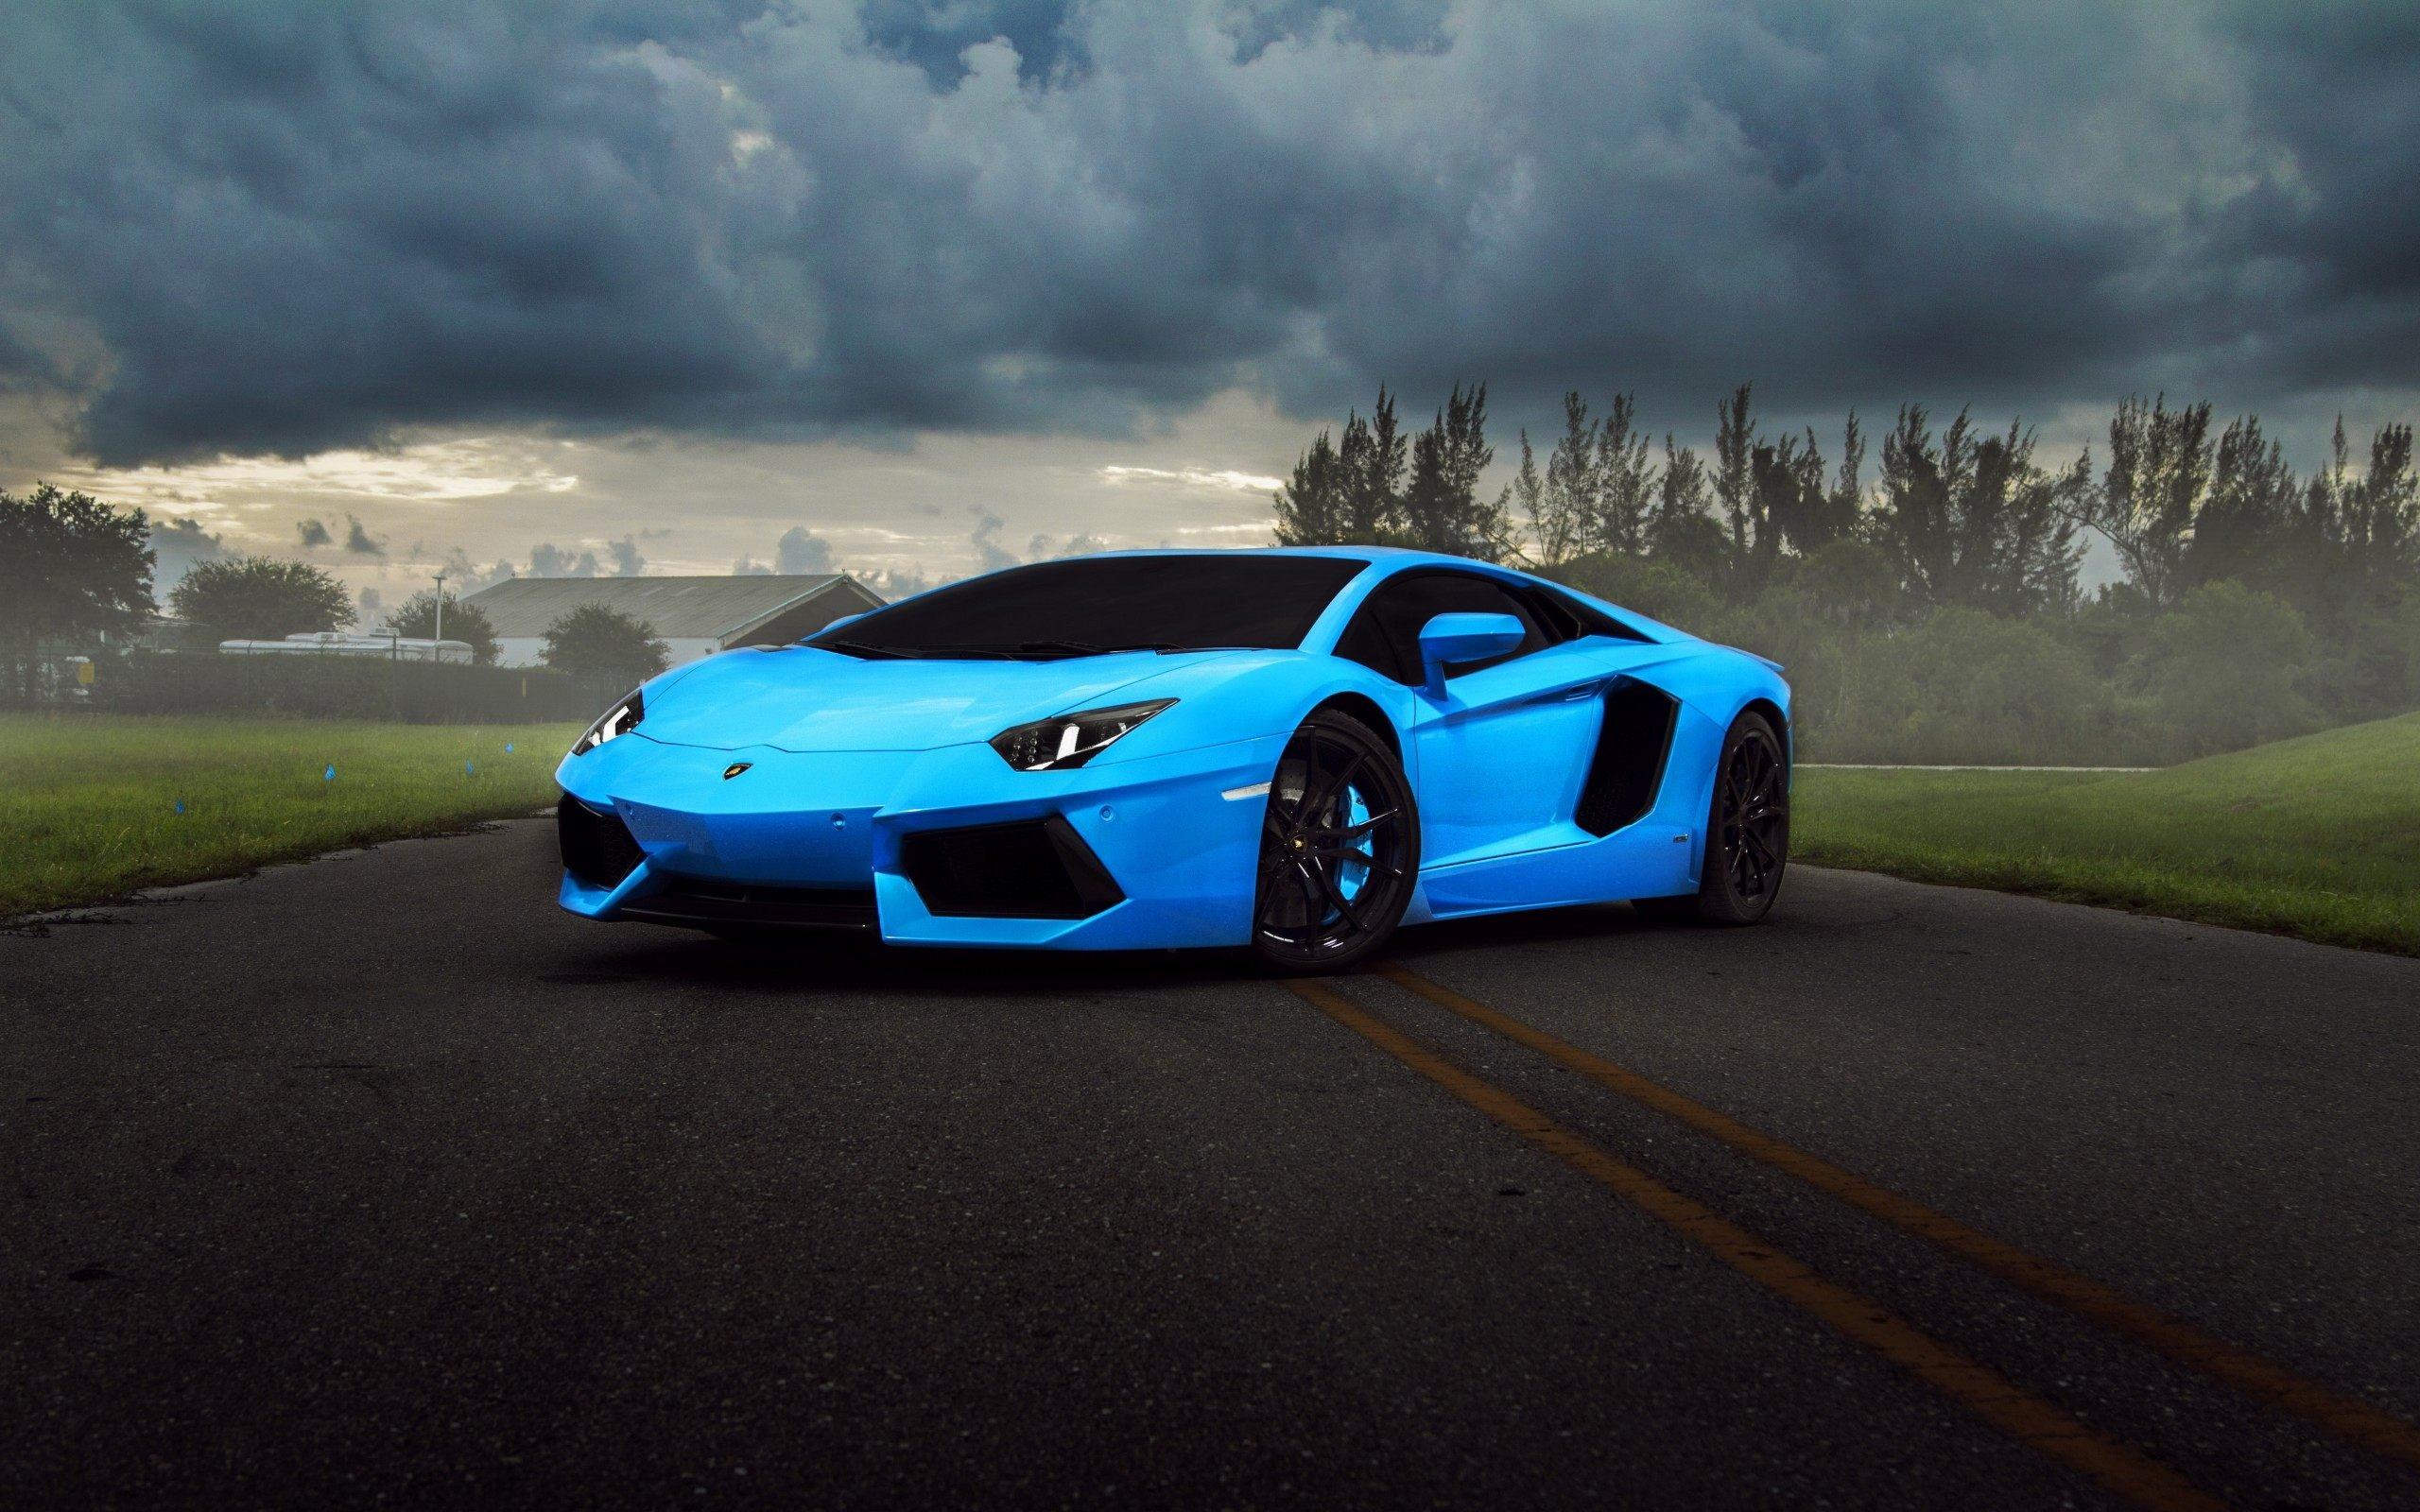 Res: 2560x1600, blue-lamborghini-car-wallpaper-24969328.jpg